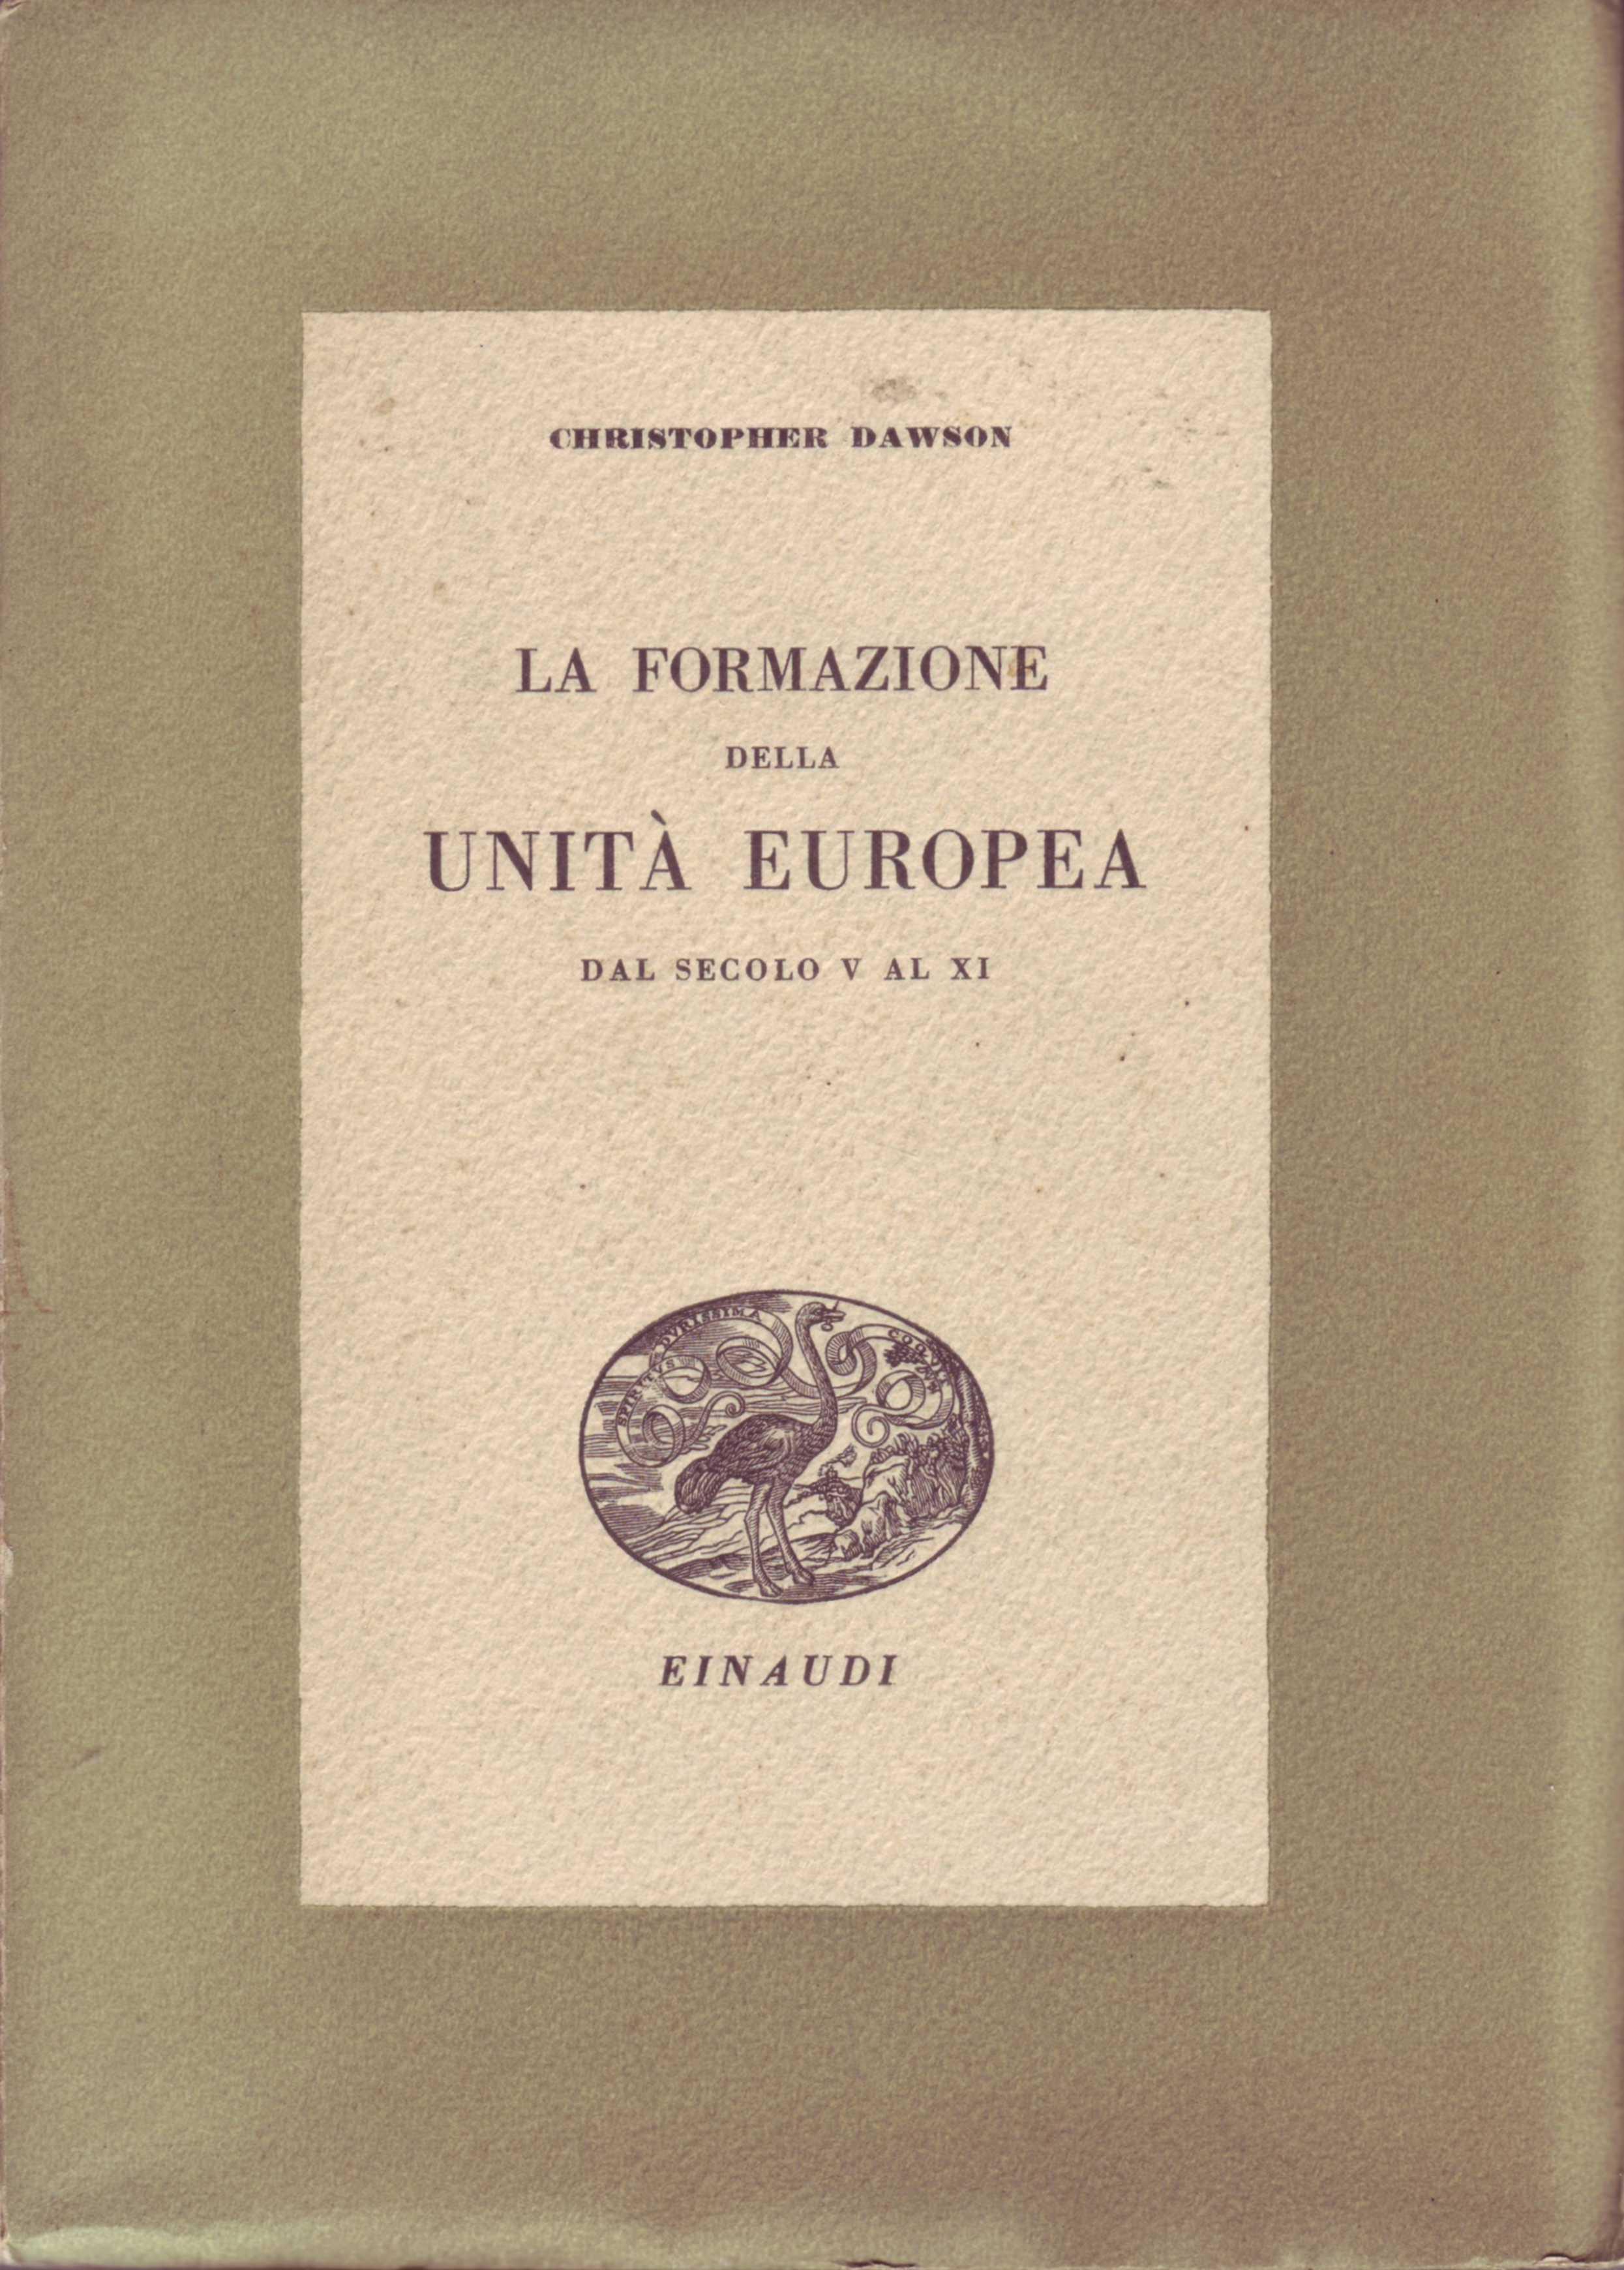 La formazione dell'unità europea